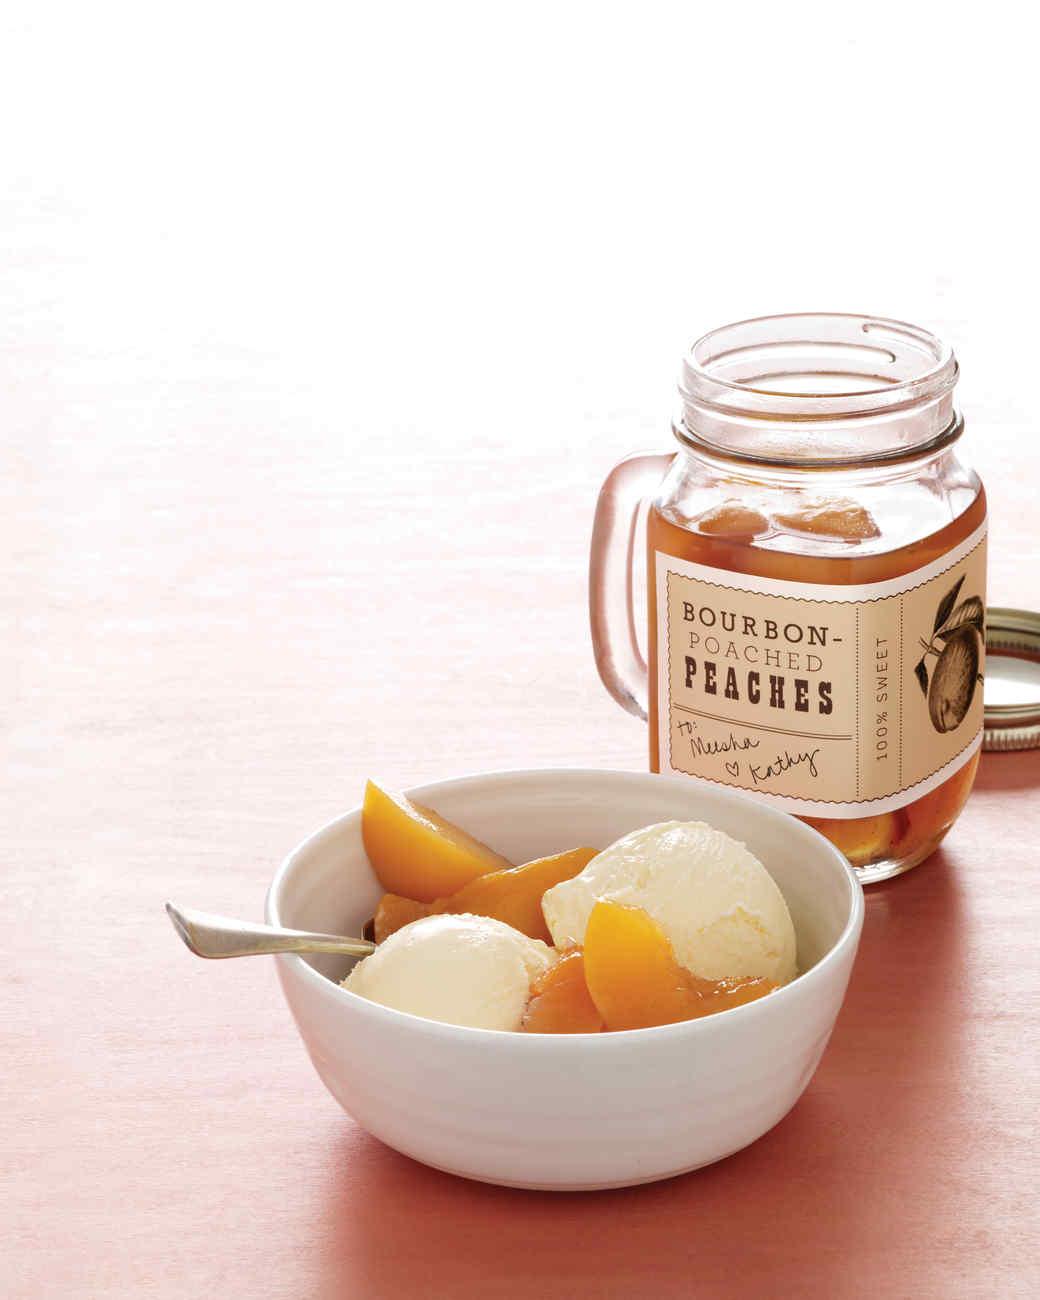 peaches-0811mld107259.jpg